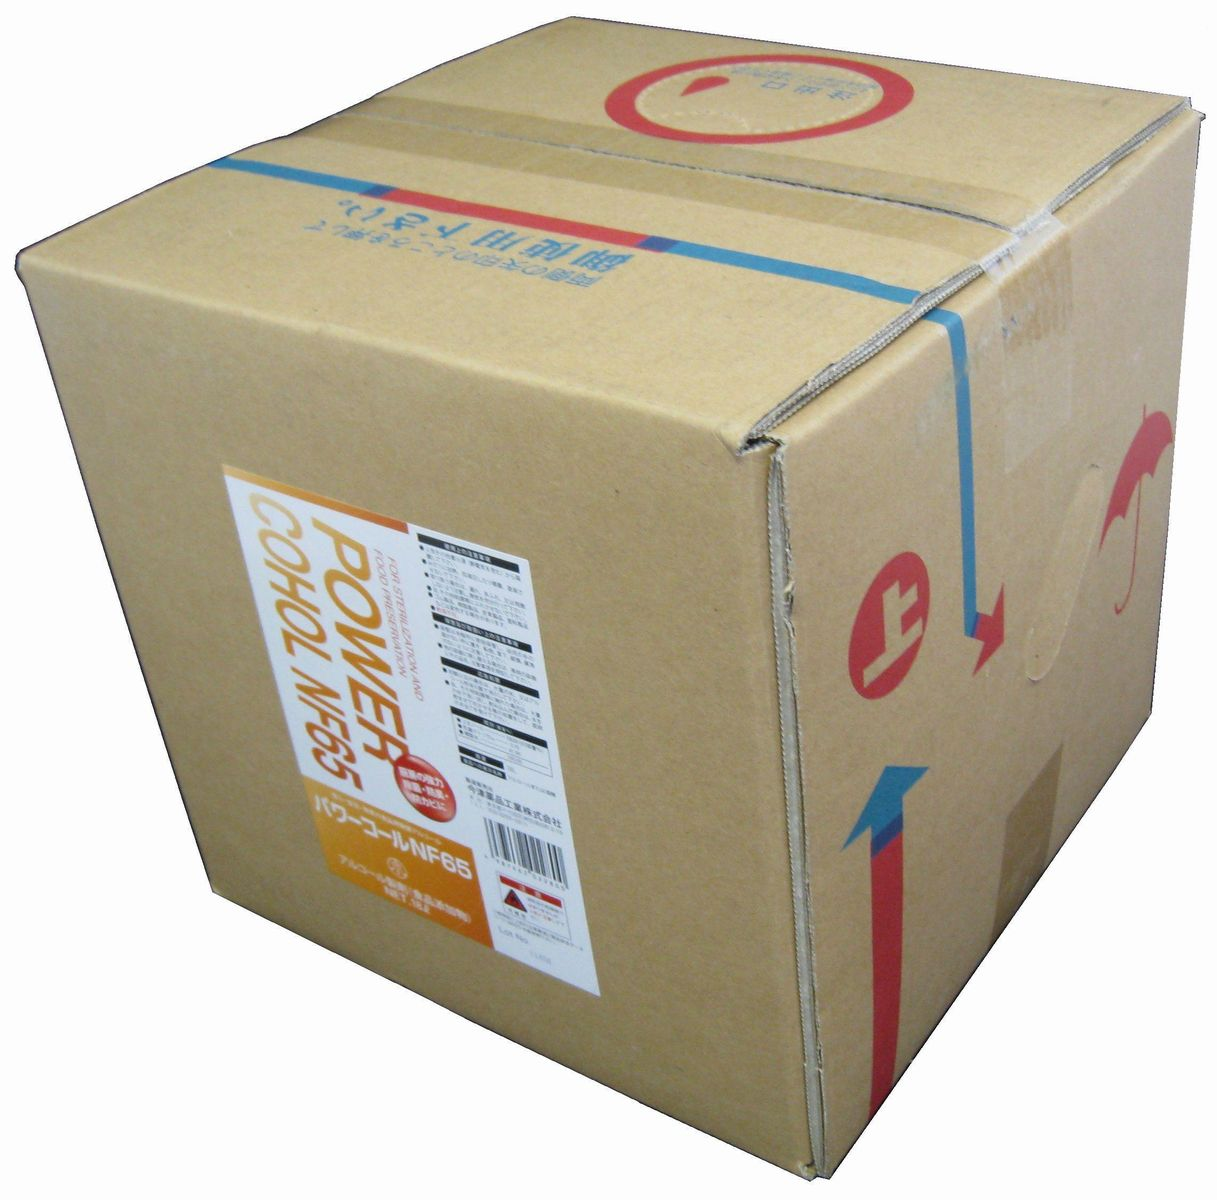 【業務用】アルコール製剤 エタノール製剤 18L 【送料無料】 [厨房一番]